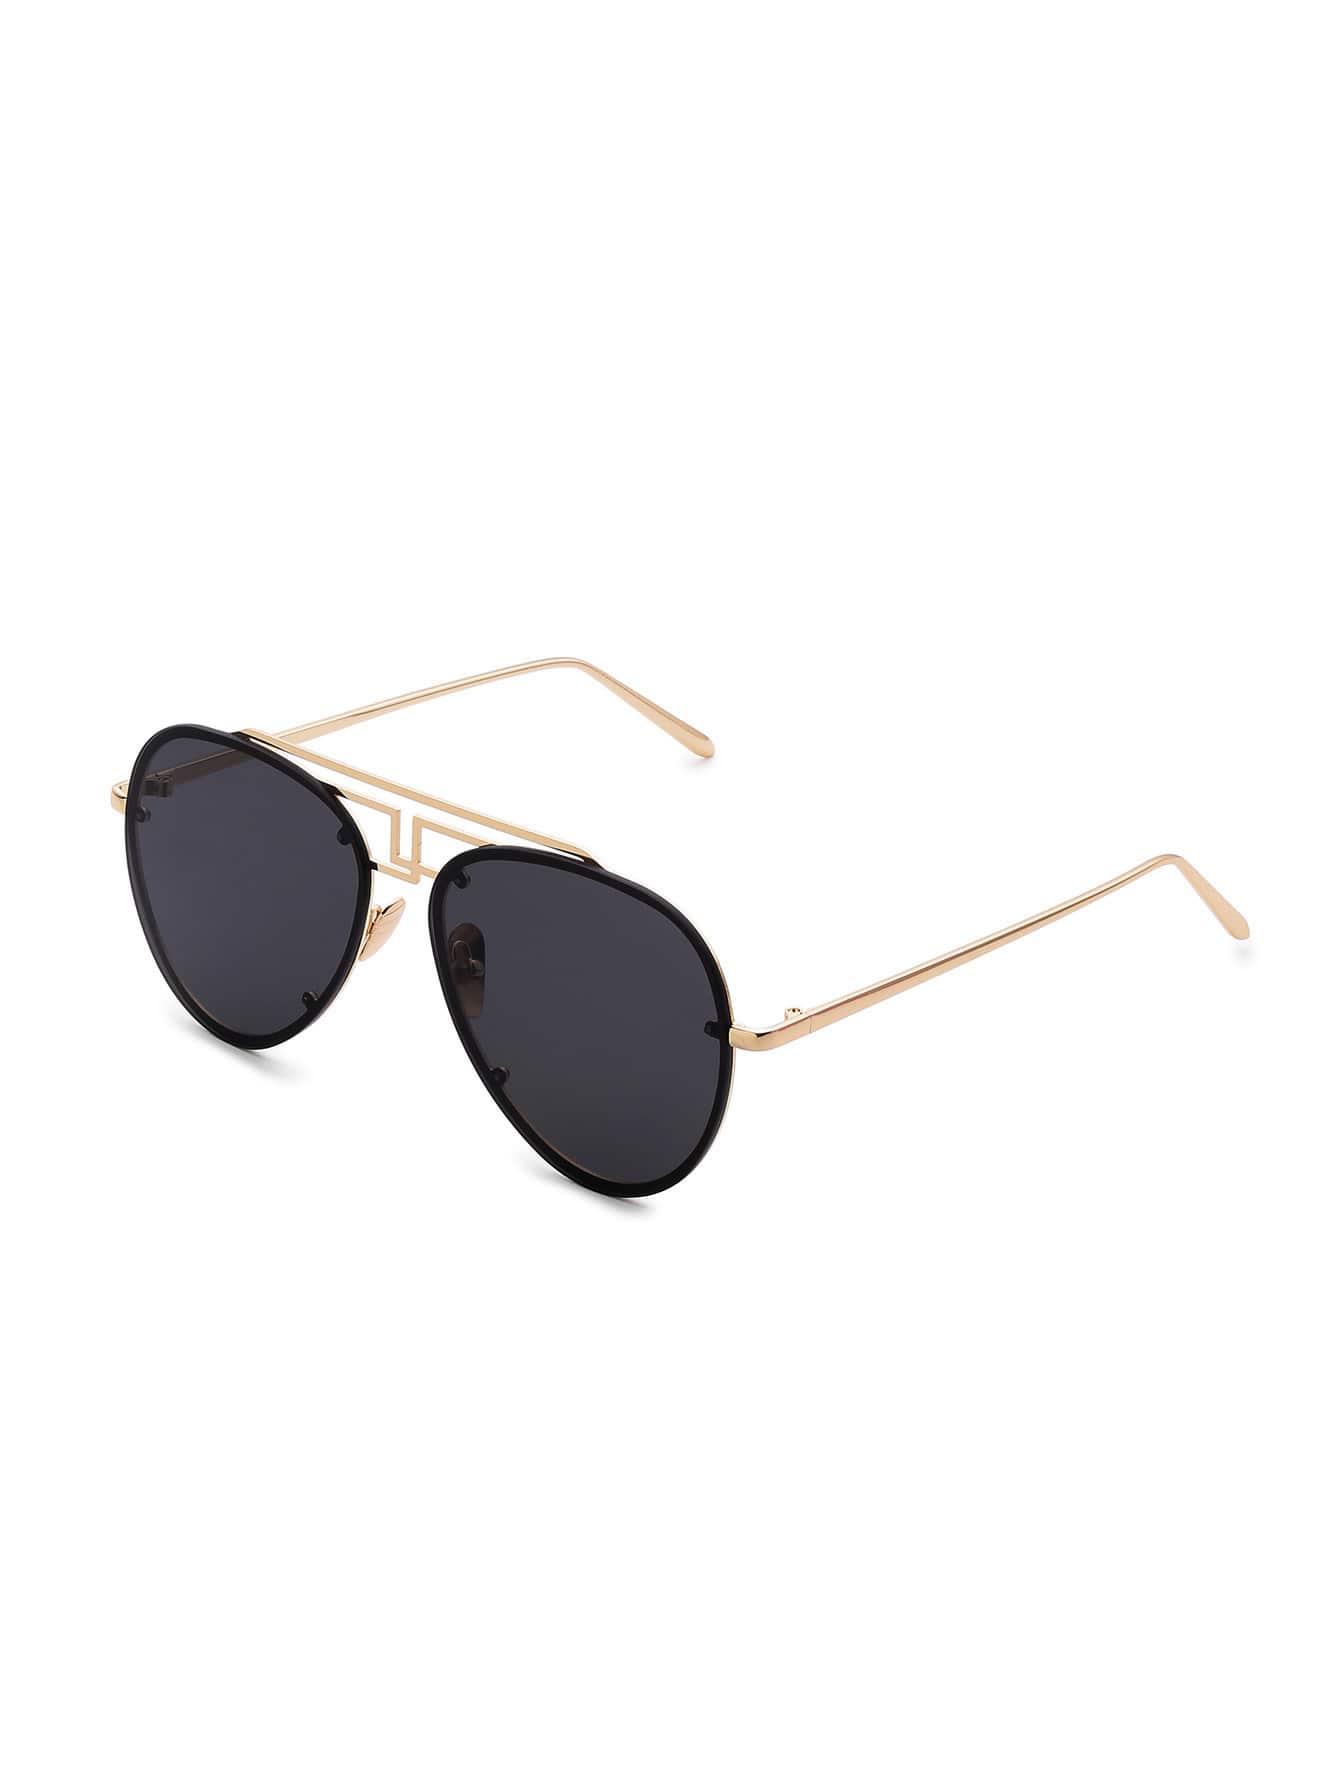 Rimless Aviator Sunglasses : Asymmetrical Top Bar Rimless Aviator Sunglasses -SheIn ...